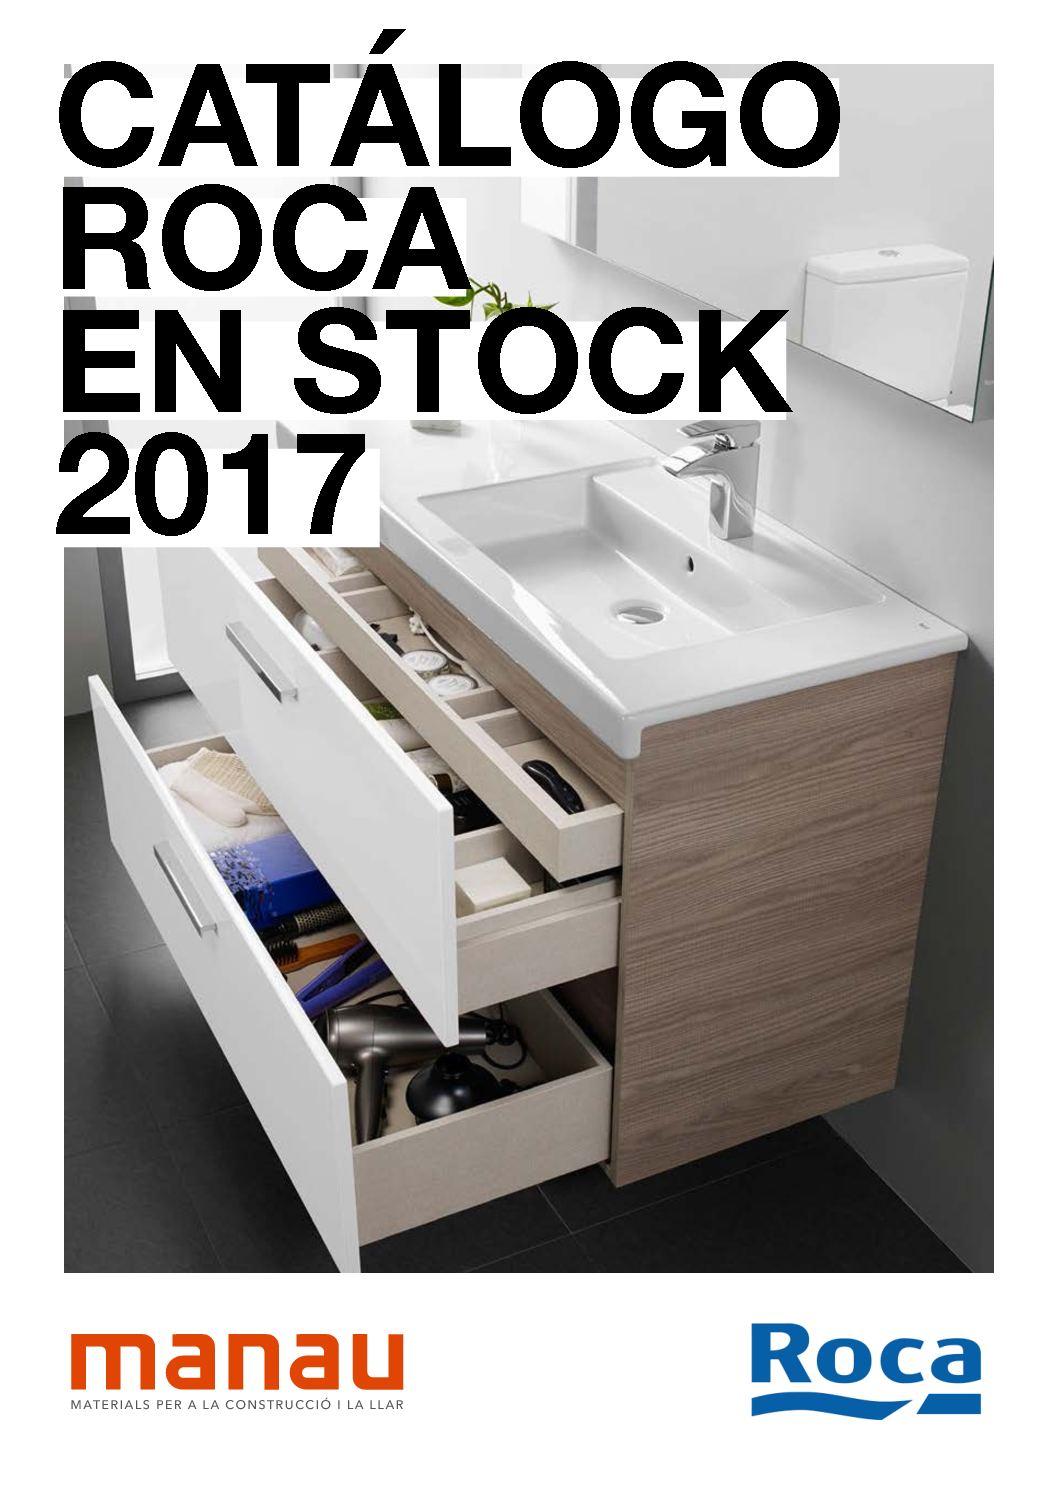 Calam o catalogo muebles roca stock 2017 for Catalogo griferia roca